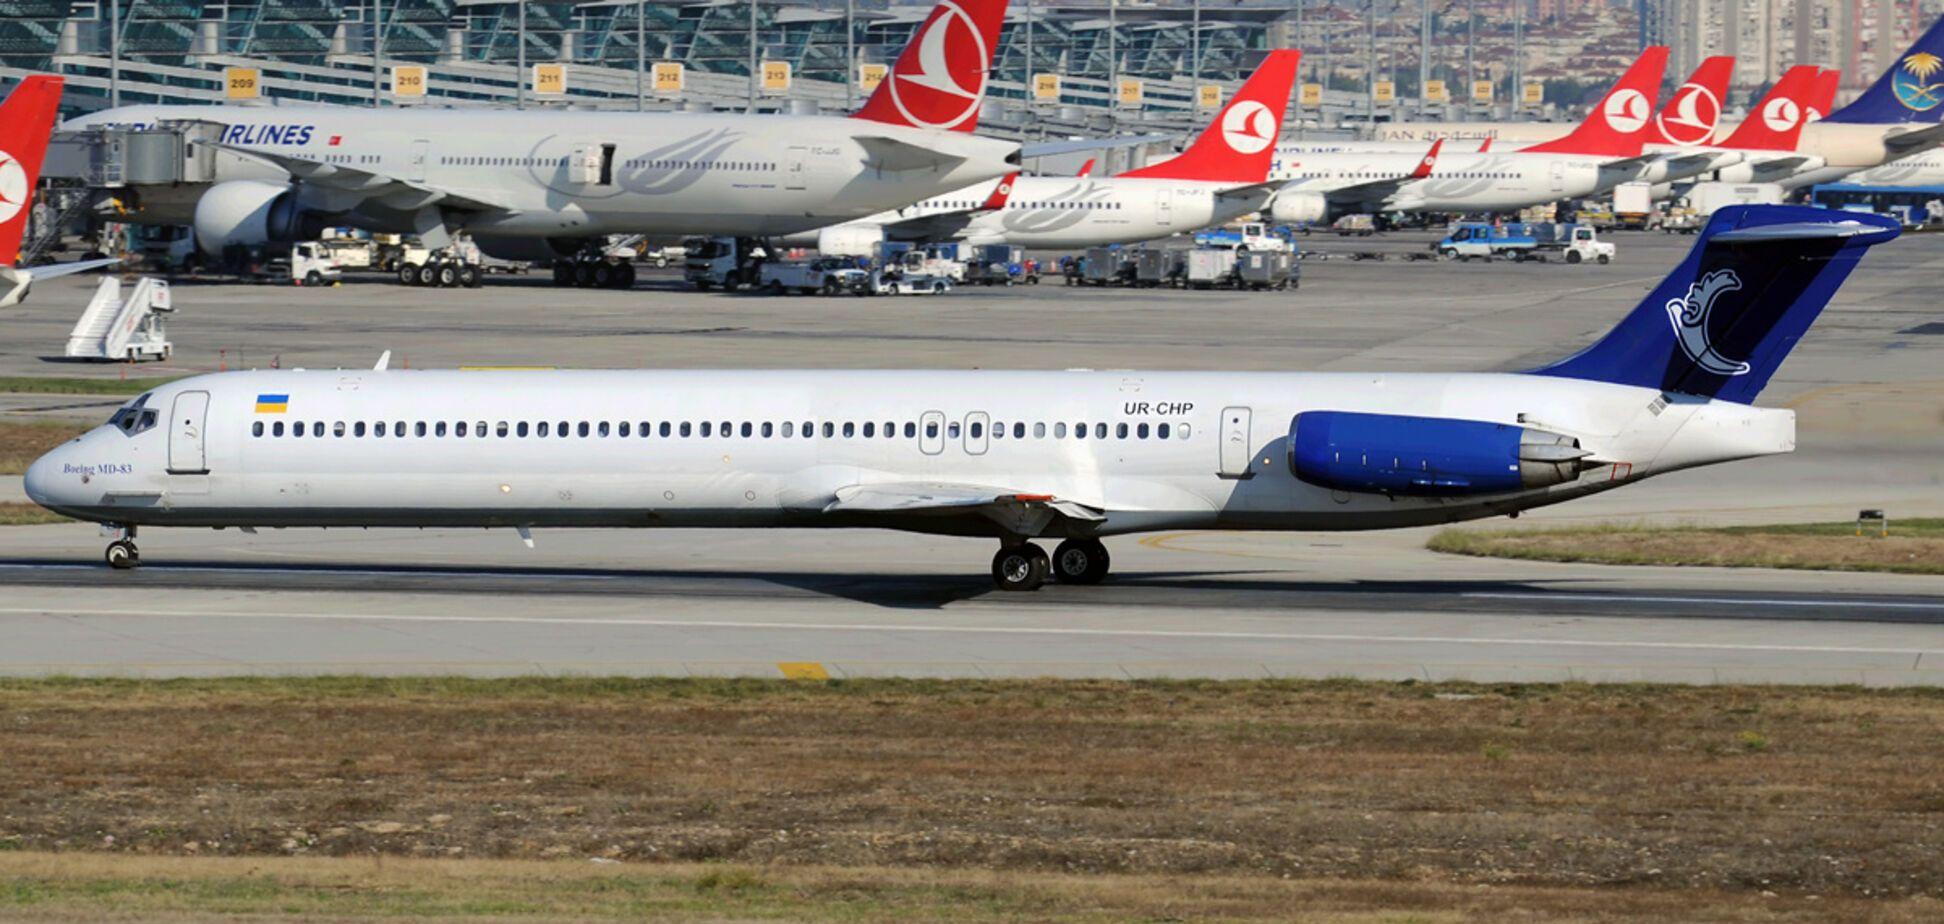 Українські авіакомпанії увійшли до списку санкцій США: названі причини